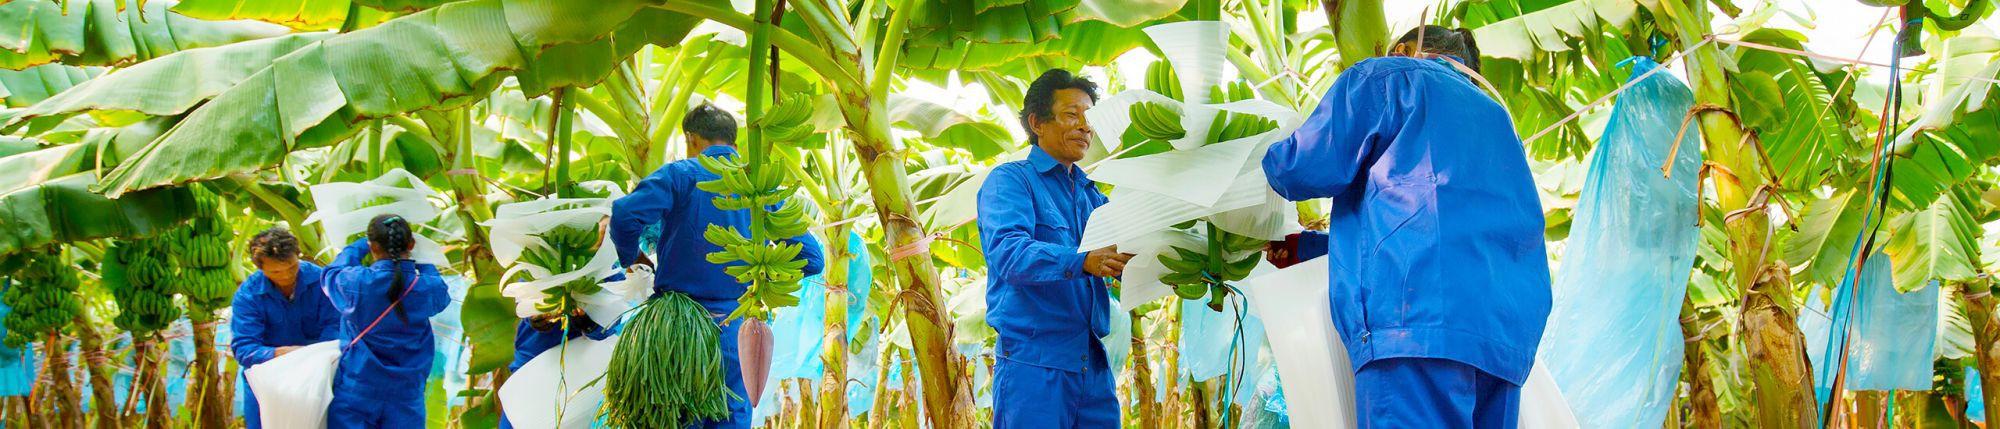 THACO vừa trở thành cổ đông lớn, một sếp THACO được bầu làm Phó Chủ tịch HAGL Agrico  - Ảnh 1.